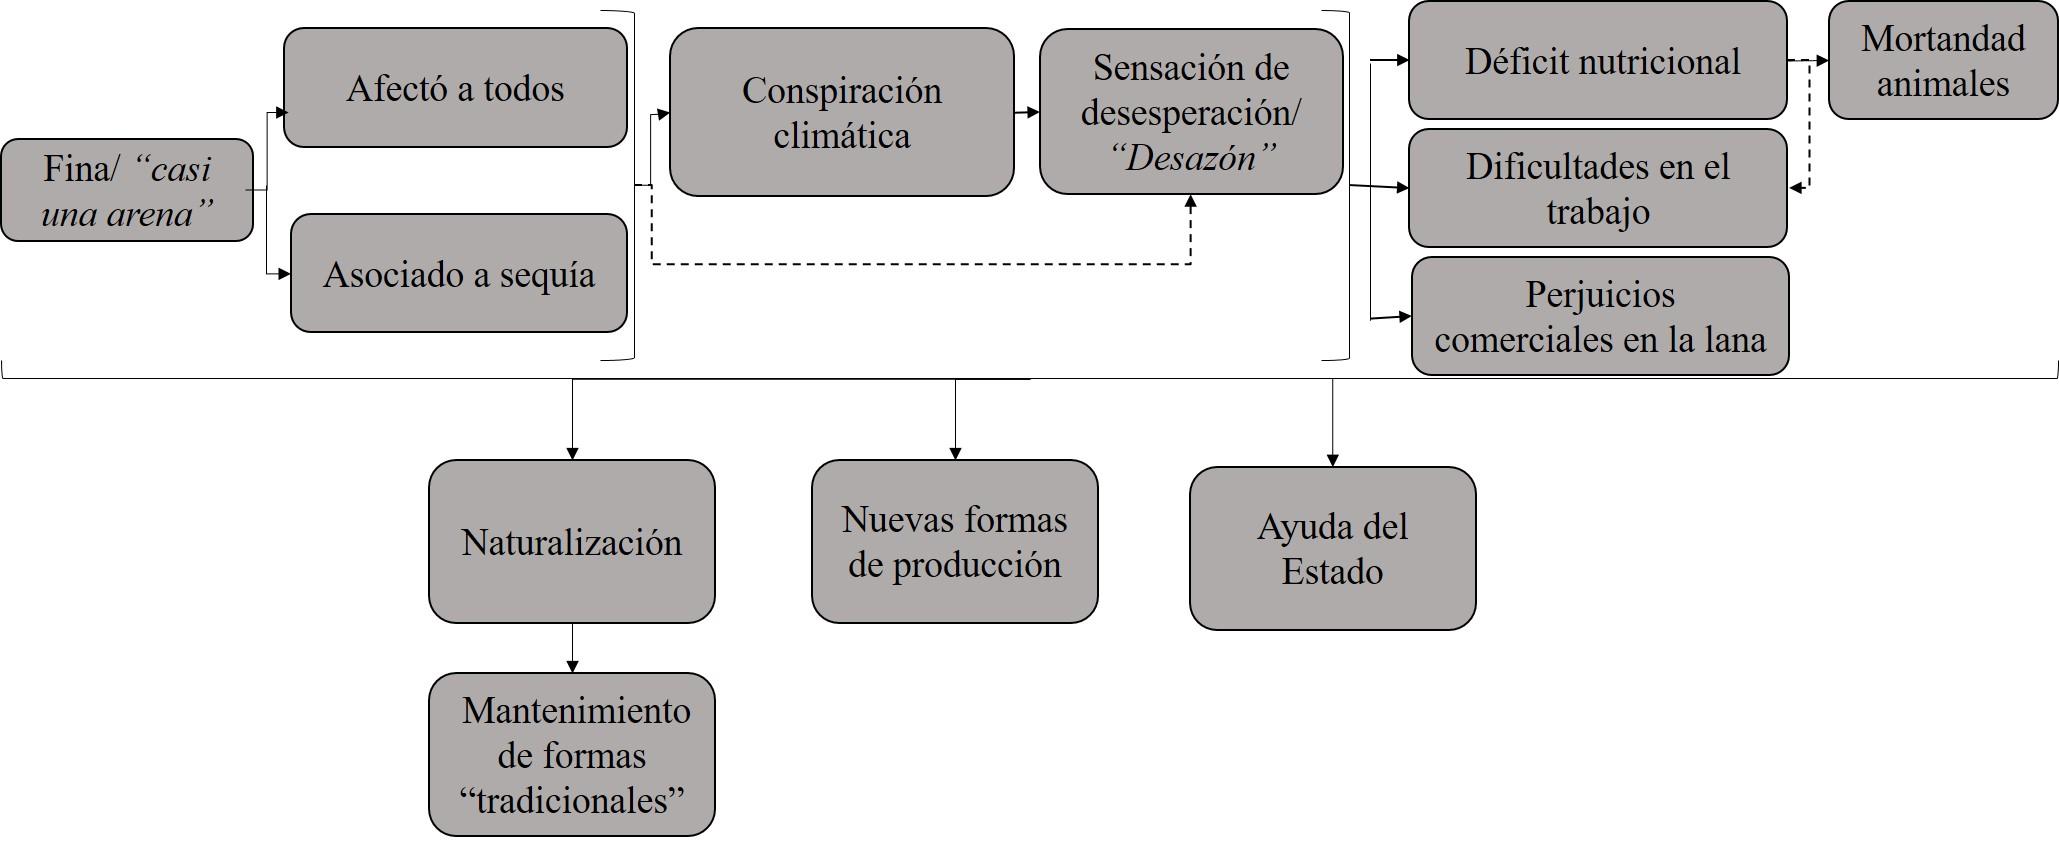 Ilustración 16: Esquema de síntesis de las interpretaciones y prácticas sobre el depósito de cenizas volcánicas